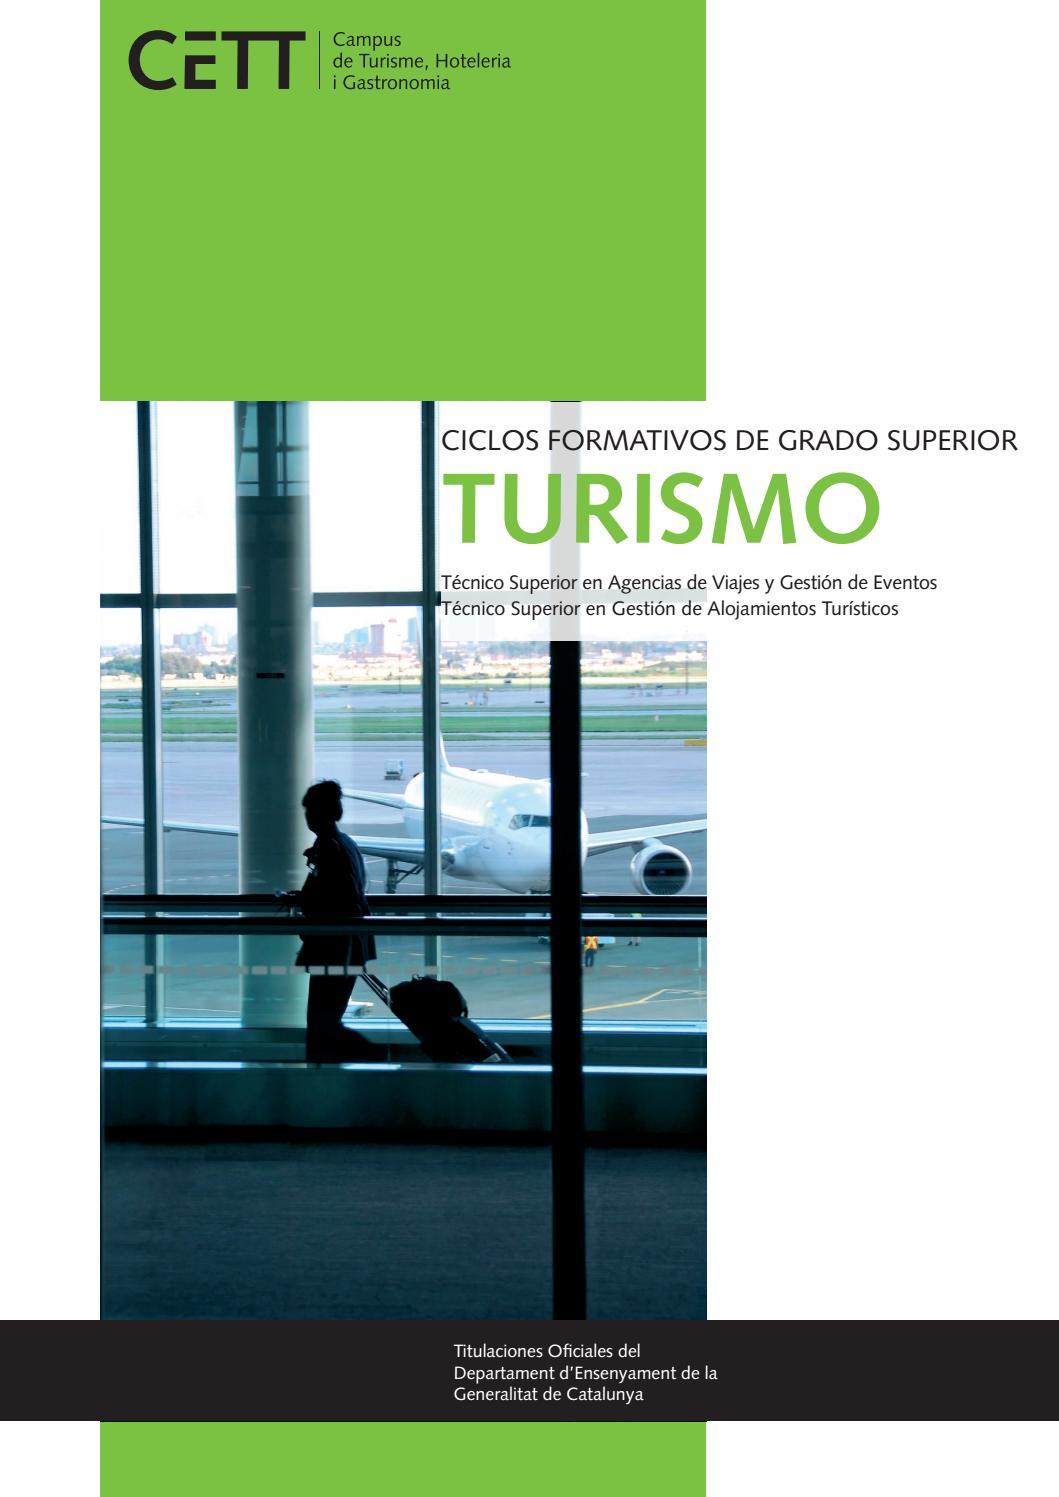 Ciclos Formativos de Grado Superior de Turismo CETT by Grup CETT - issuu